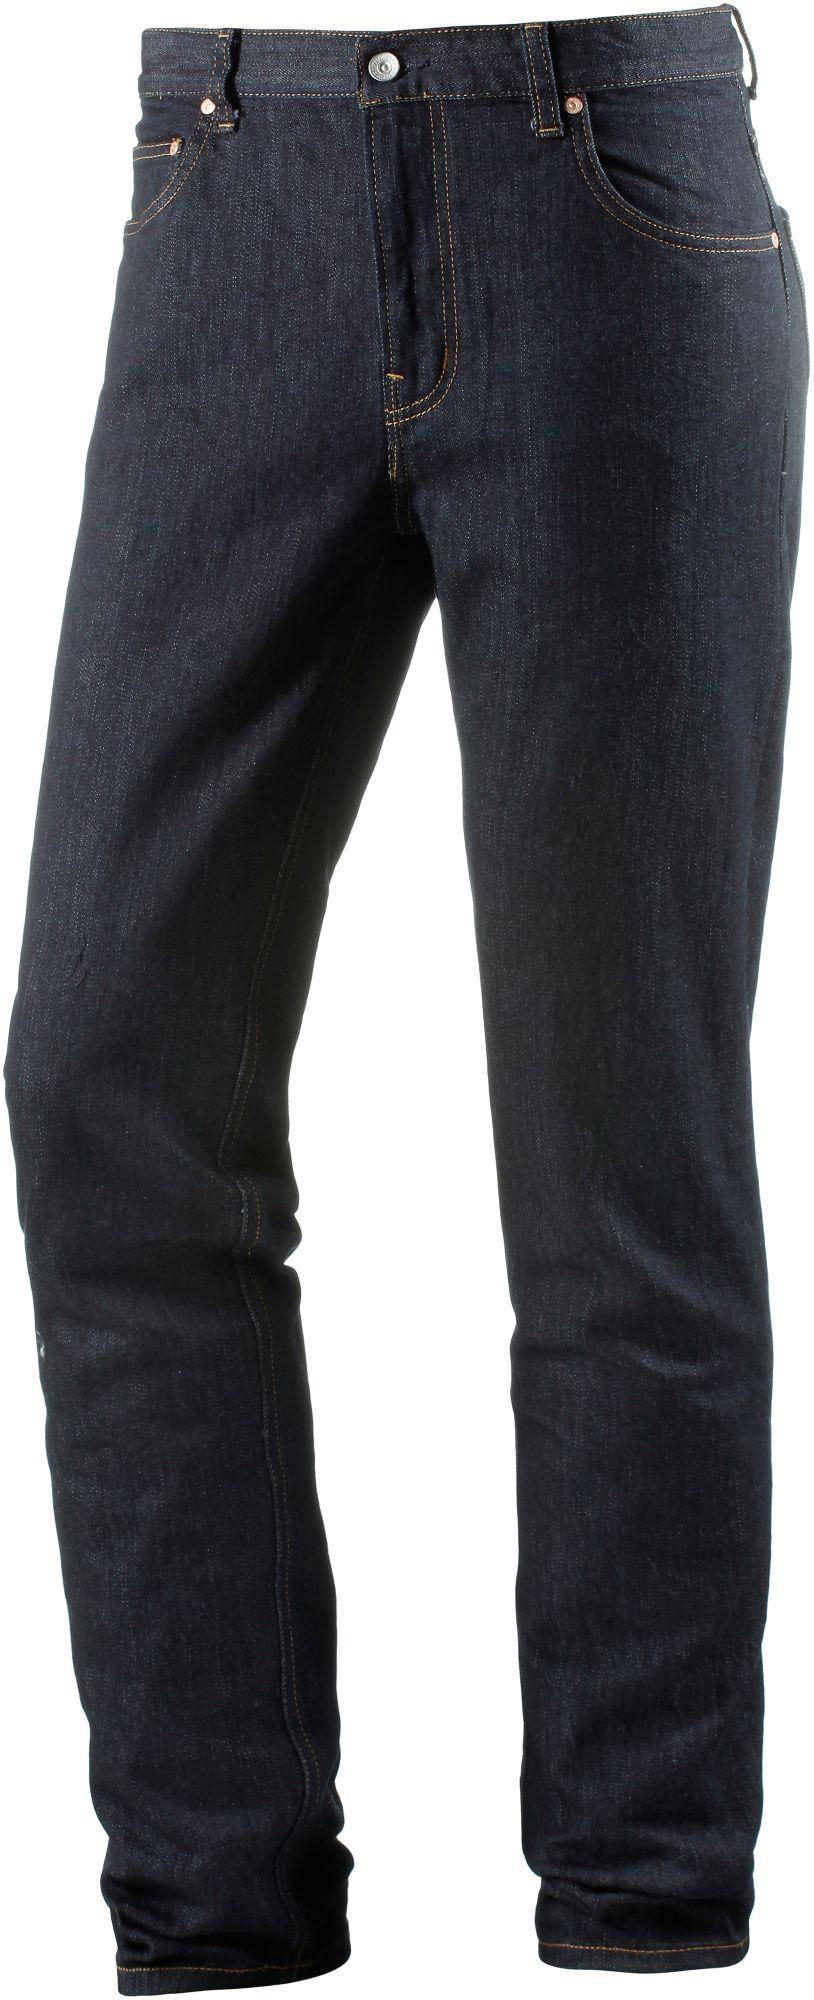 Eddy Slim Fit Jeans Herren in blau, Größe 36 / 34